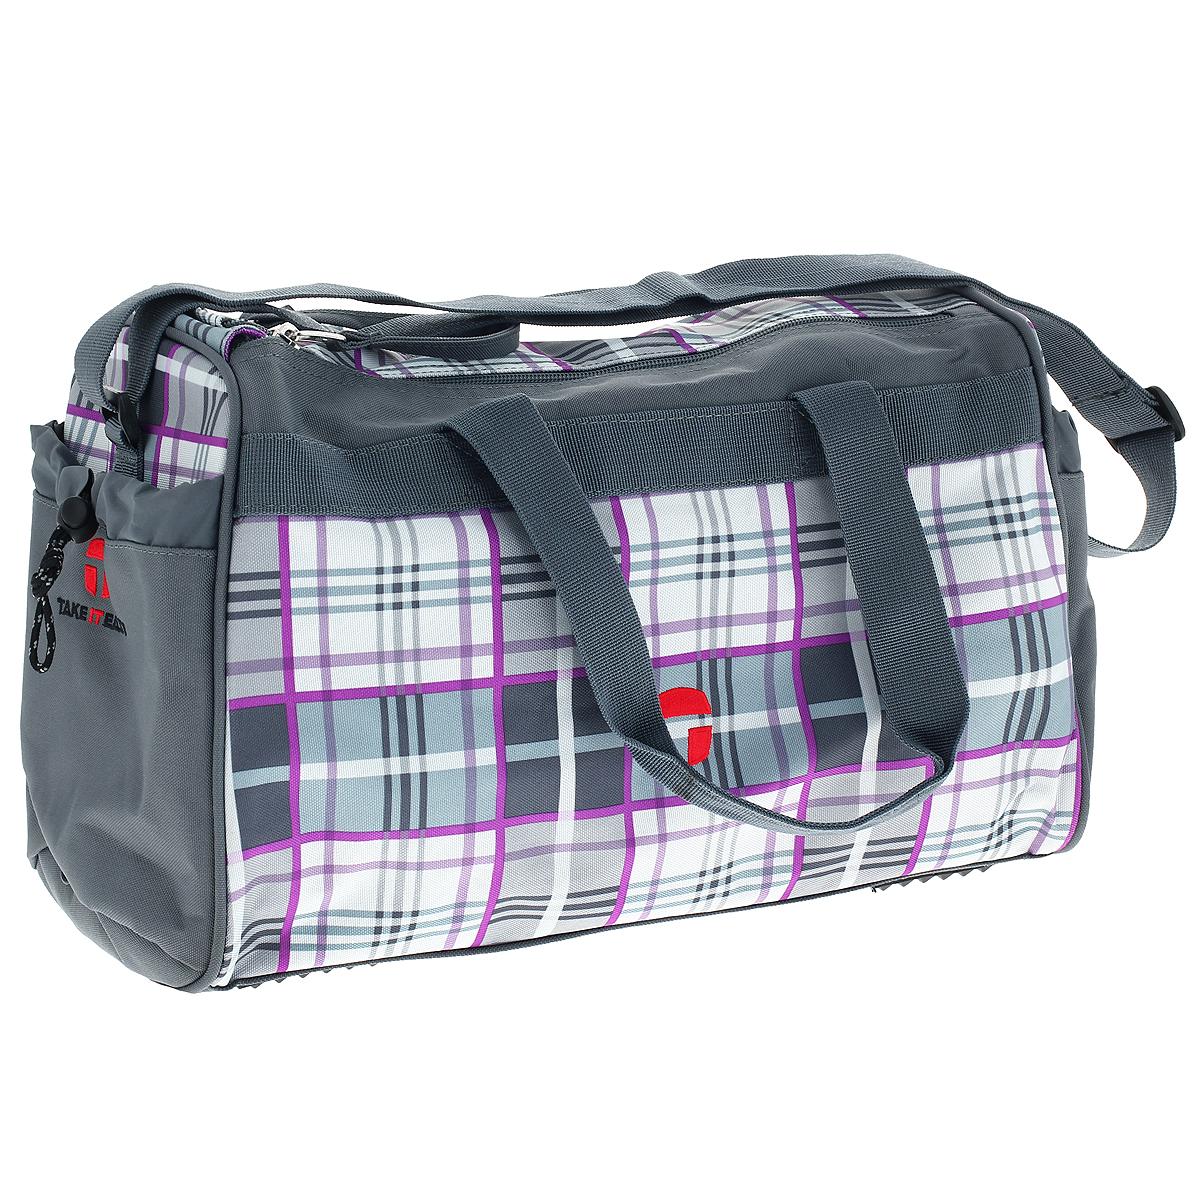 Сумка спортивная Take It Easy Килт, цвет: серый6364Спортивная сумка Take It Easy Килт предназначена для переноски спортивных вещей, обуви и инвентаря. Сумка ручной работы выполнена из современных резистентных материалов и оформлена графическим рисунком. Сумка имеет одно вместительное отделение, закрывающееся на две застежки-молнии. Бегунки на застежках соединены общим текстильным держателем. На тыльной стороне сумки расположен внешний карман для обуви, закрывающийся на застежку молнию. По бокам находятся два внешних кармана, затягивающиеся сверху текстильным шнурком с фиксатором. Спортивная сумка оснащена двумя текстильными ручками для переноски в руке и плечевым ремнем, регулируемым по длине. На дне сумки расположены четыре широкие пластиковые ножки, которые защитят ее от грязи и продлят срок службы. Характеристики: Материал: текстиль, пластик, металл. Размер сумки: 37 см х 20 см x 25 см. Объем сумки: 18 л.